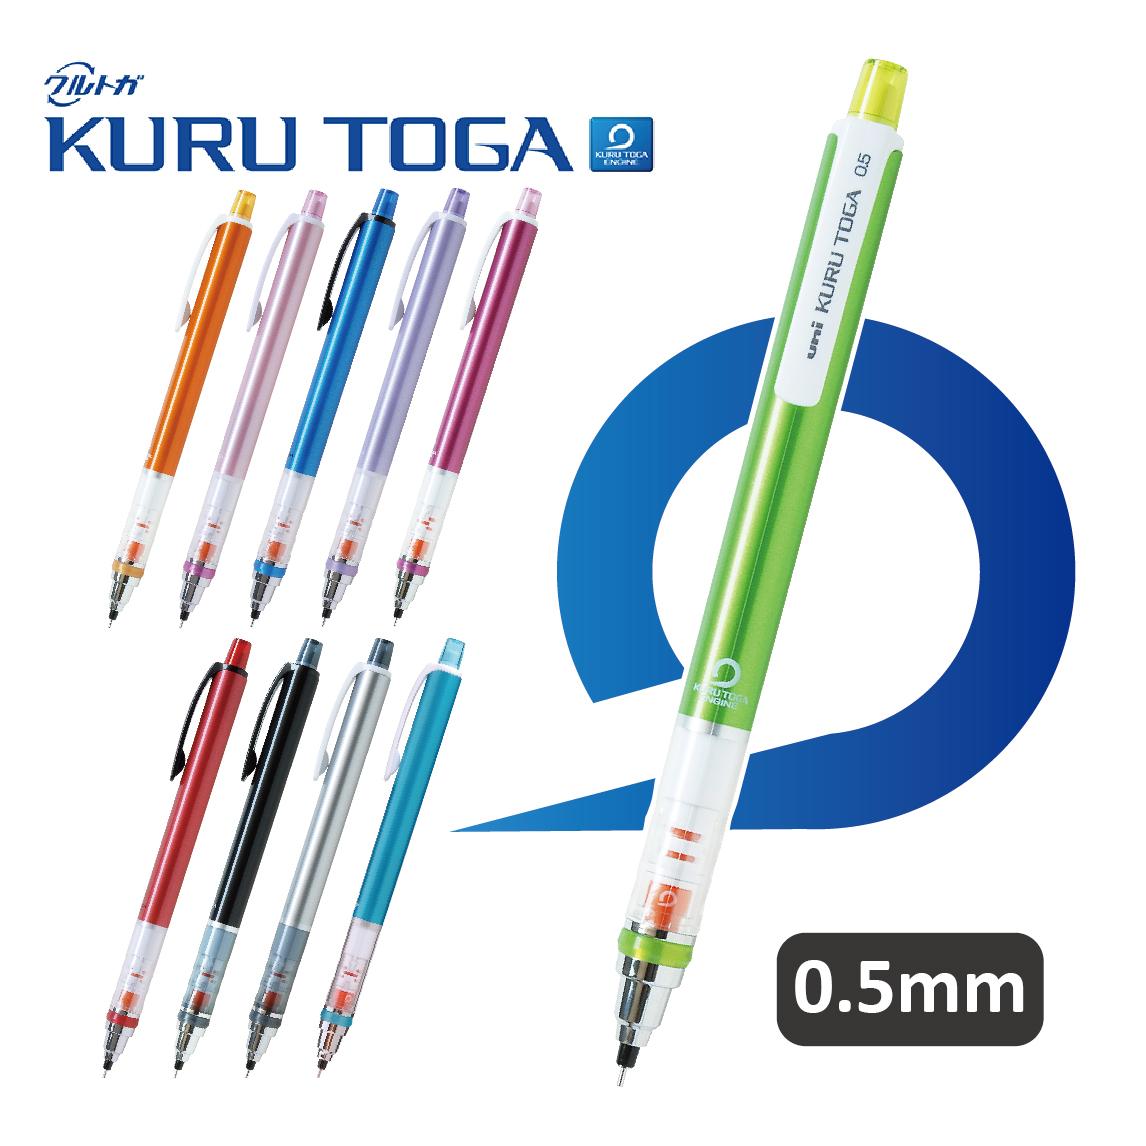 三菱鉛筆 クルトガ スタンダードモデル【0.5mm】